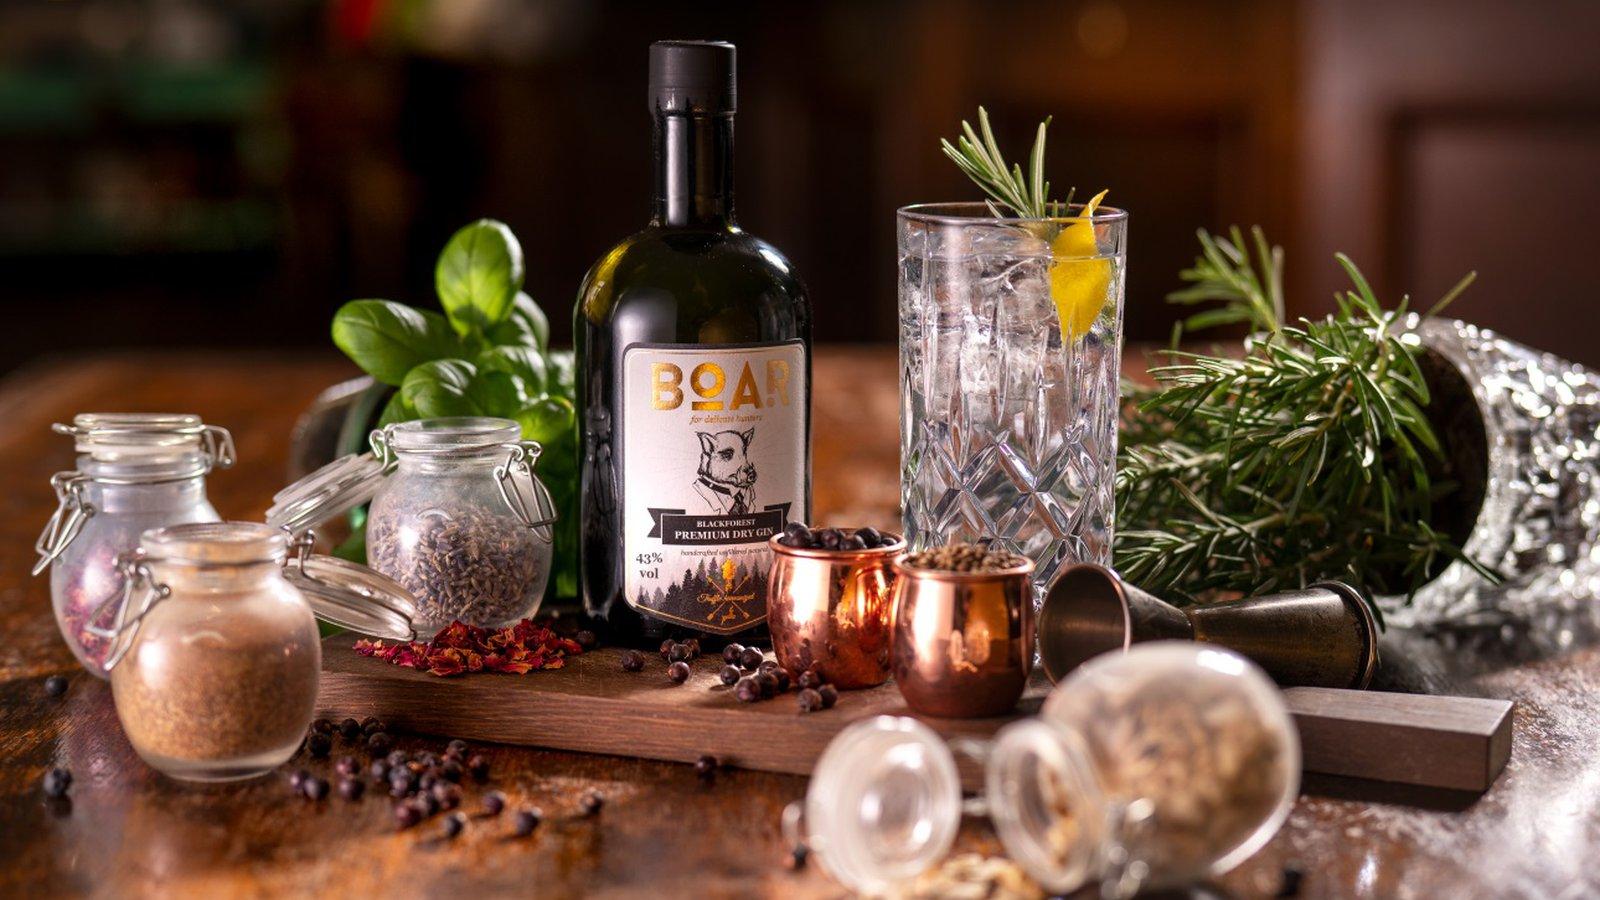 BOAR Gin als Gin des Jahres 2019 ausgezeichnet